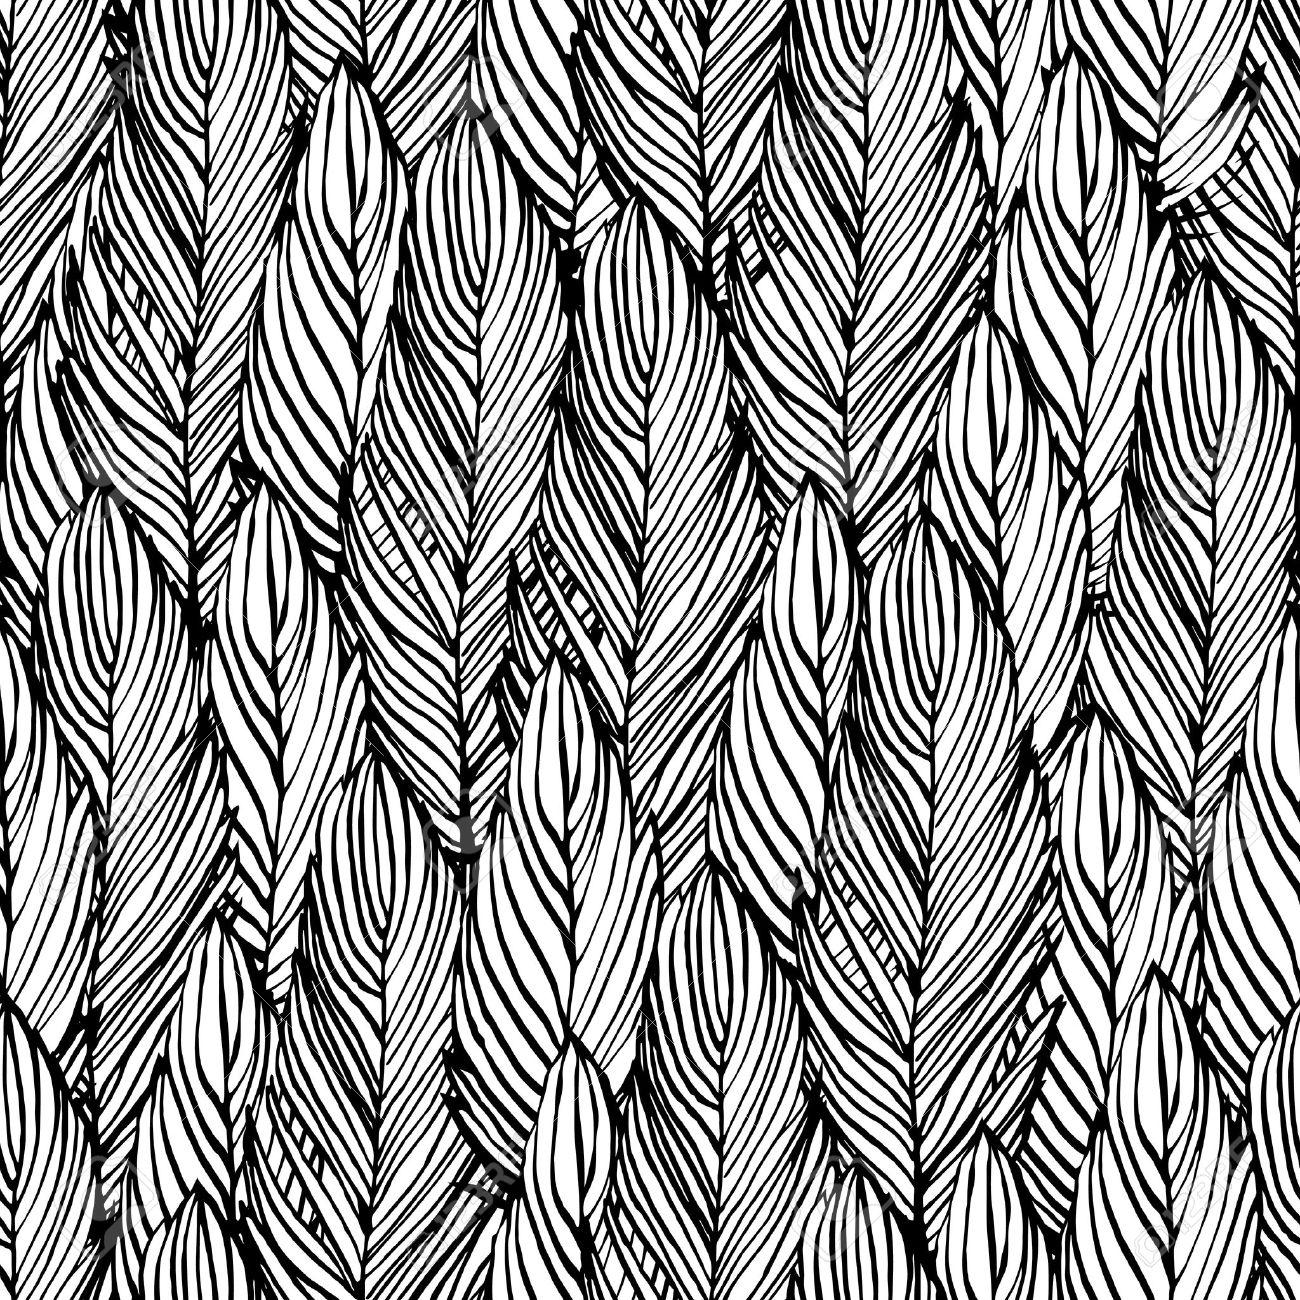 Gliederung Hand Zeichnen Feder Nahtlose Muster Schwarz Weiß Farbige